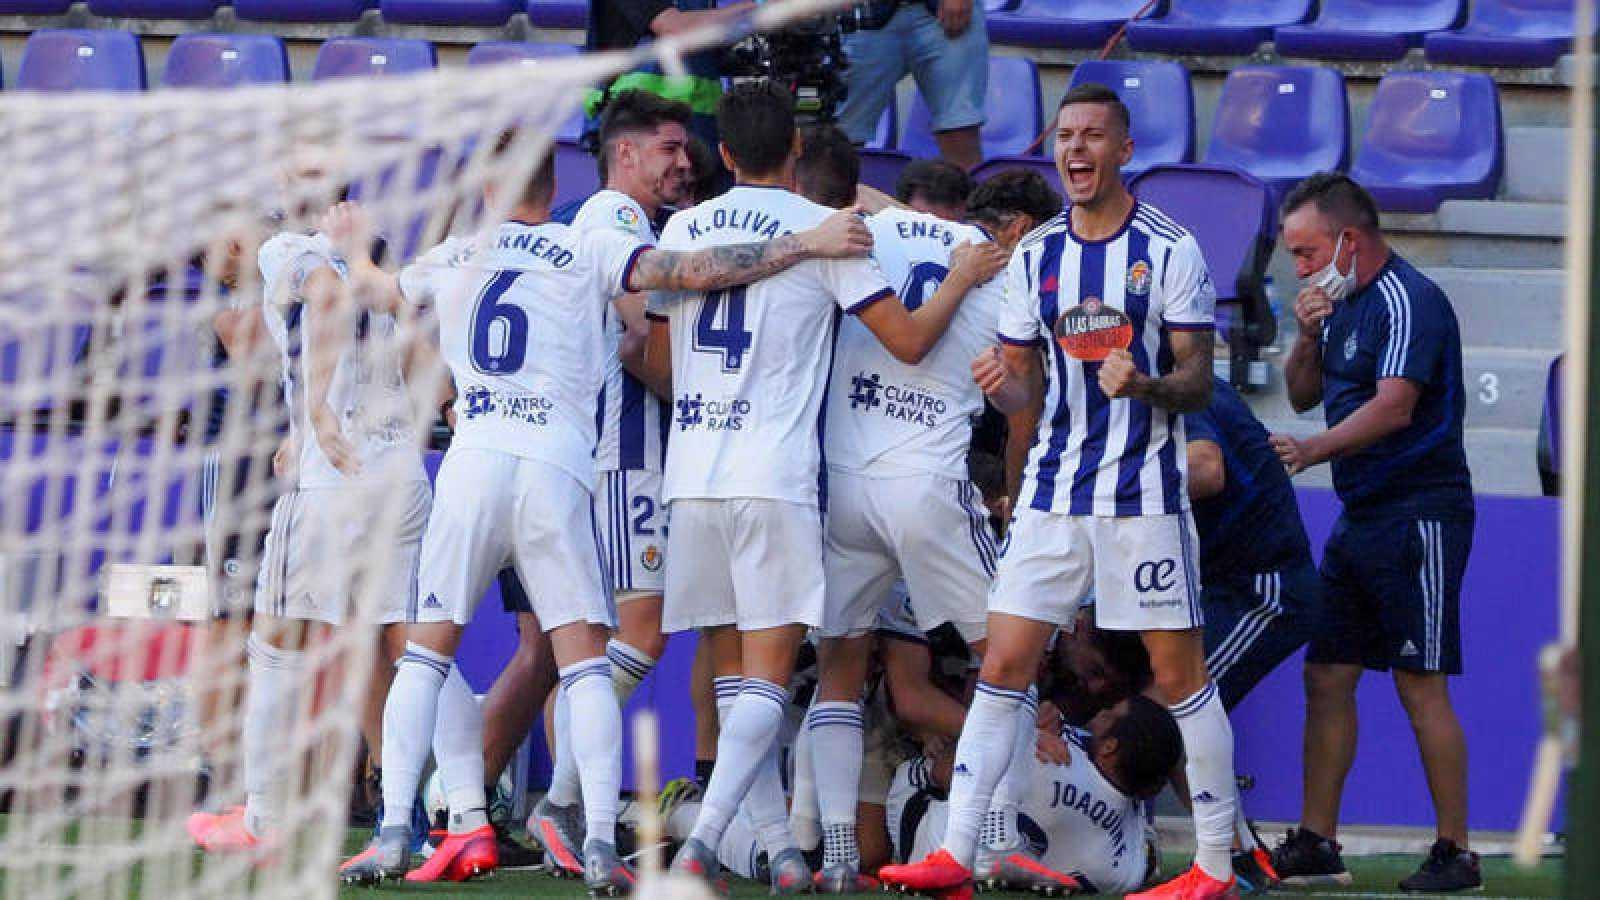 Imagen: Los jugadores del Valladolid celebran el gol de Joaquín Fernández